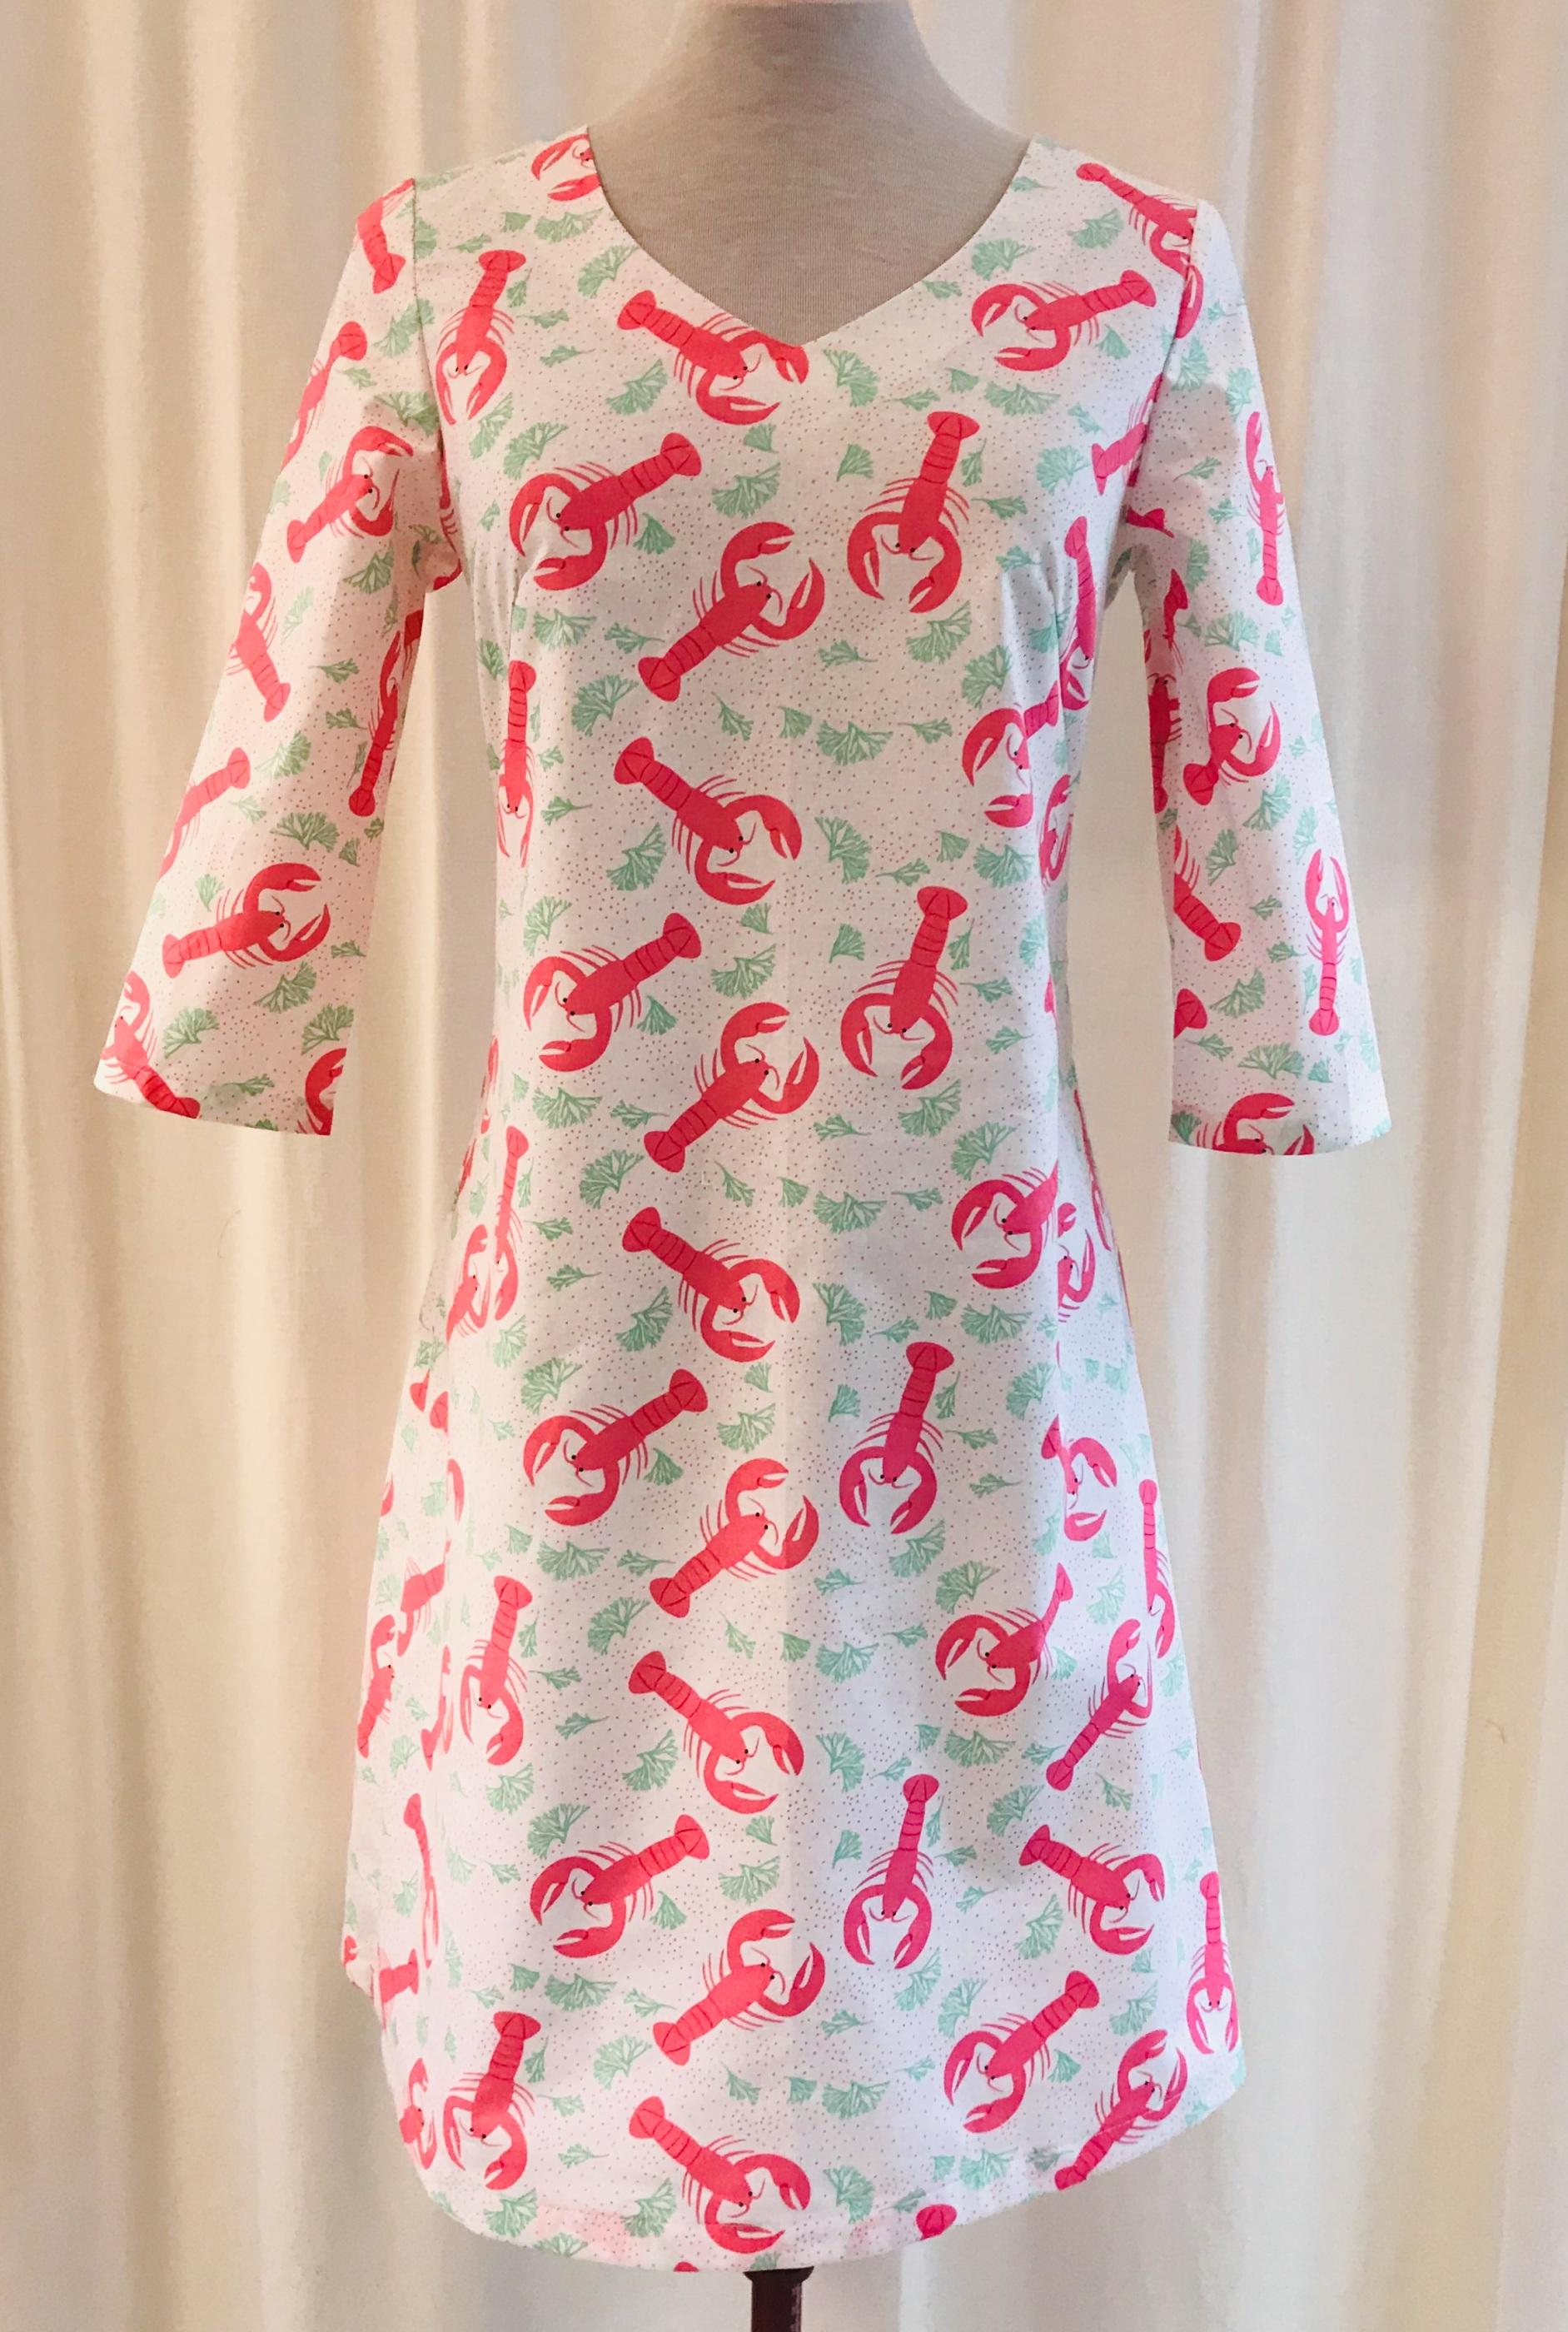 Solbritt klänning regnbågsglass i en skön bomull. 100% bomull. Vit bottenfärg på tyget.  Blixtlås bak. Klänningen på bilden har kort ärm och v-ringning. Ofodrad. Tvättas i 40 grader med liknande färge